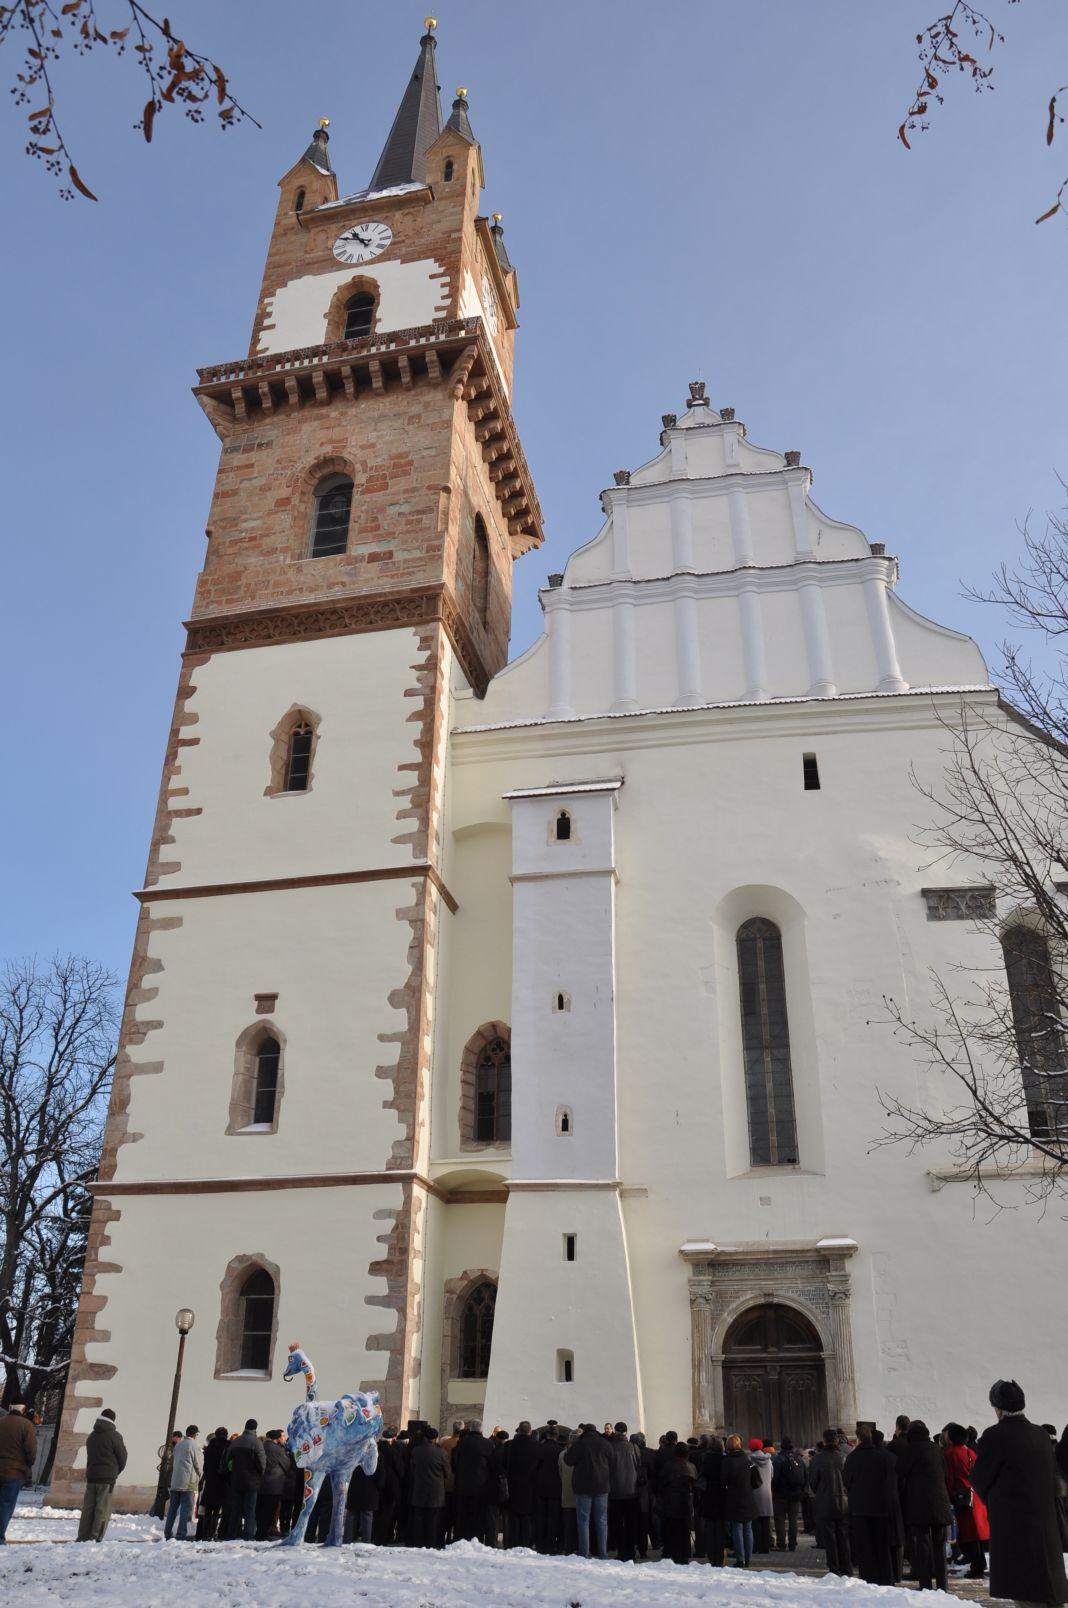 Rund 100 Gäste verfolgten bei Minustemperaturen die Weihe des Turmes.  Foto: Holger Wermke